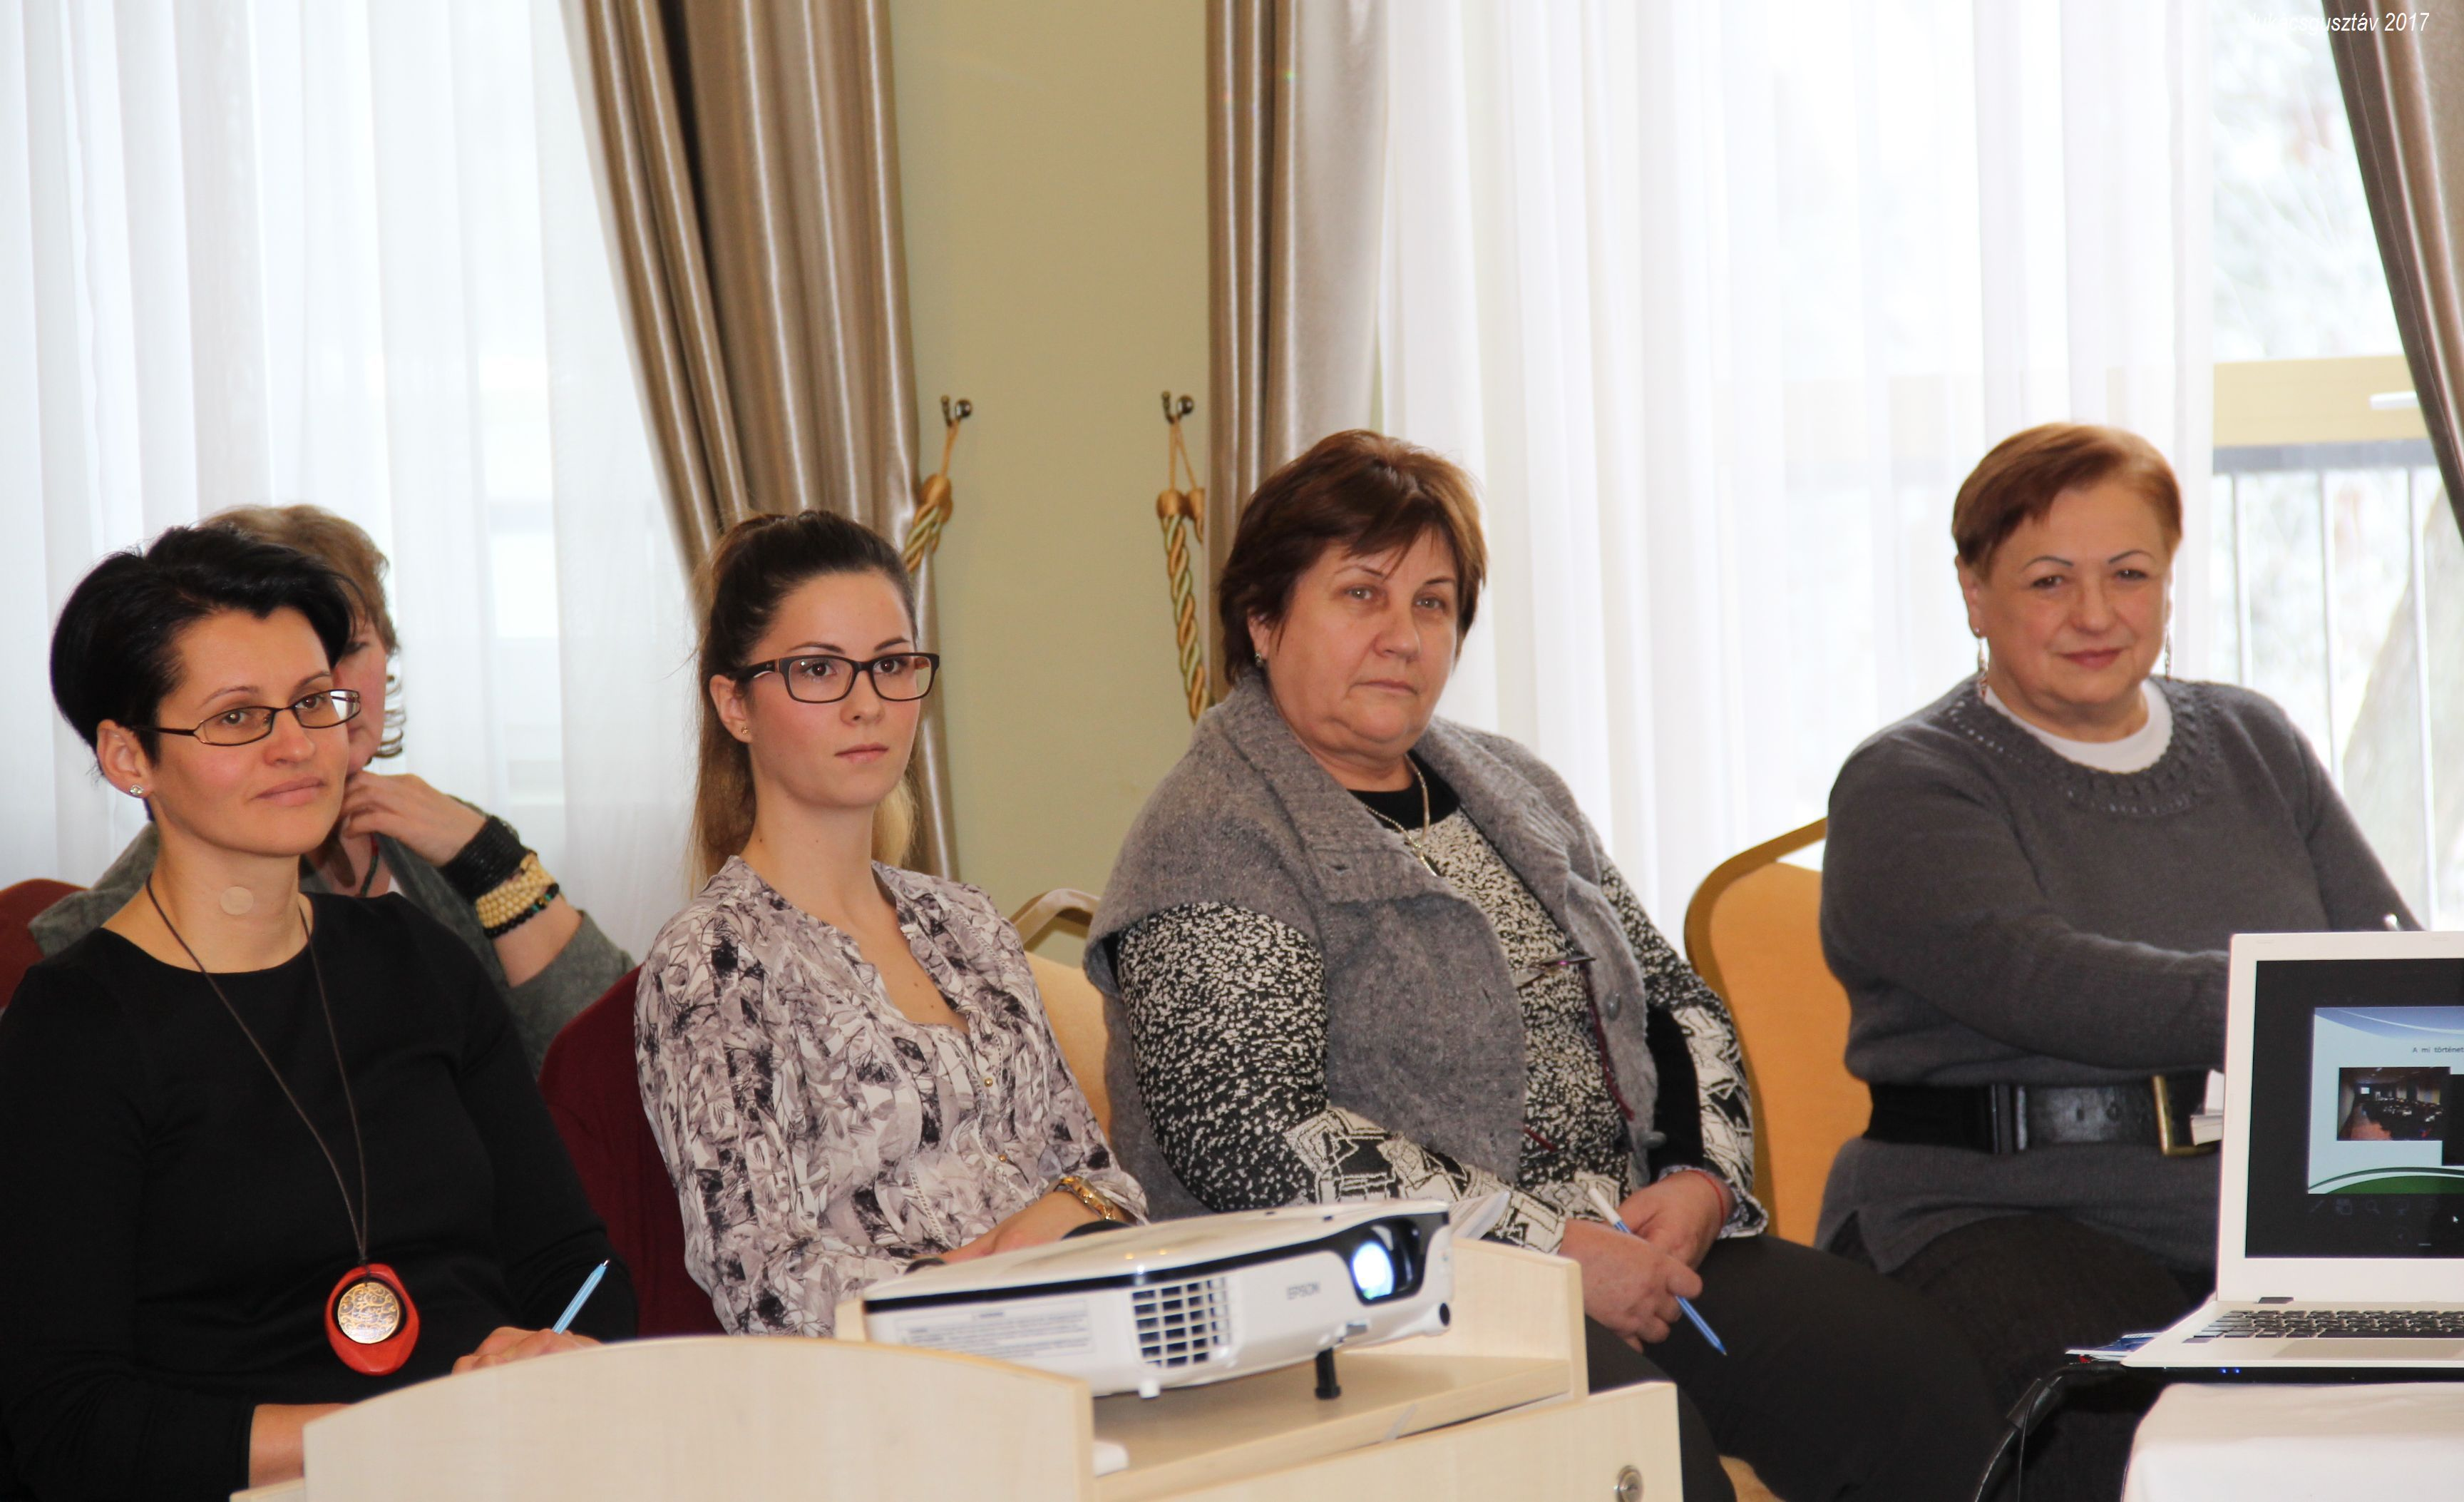 Vezető képzés Miskolcon a Calimbra Hotelben - 2016.01 (17)